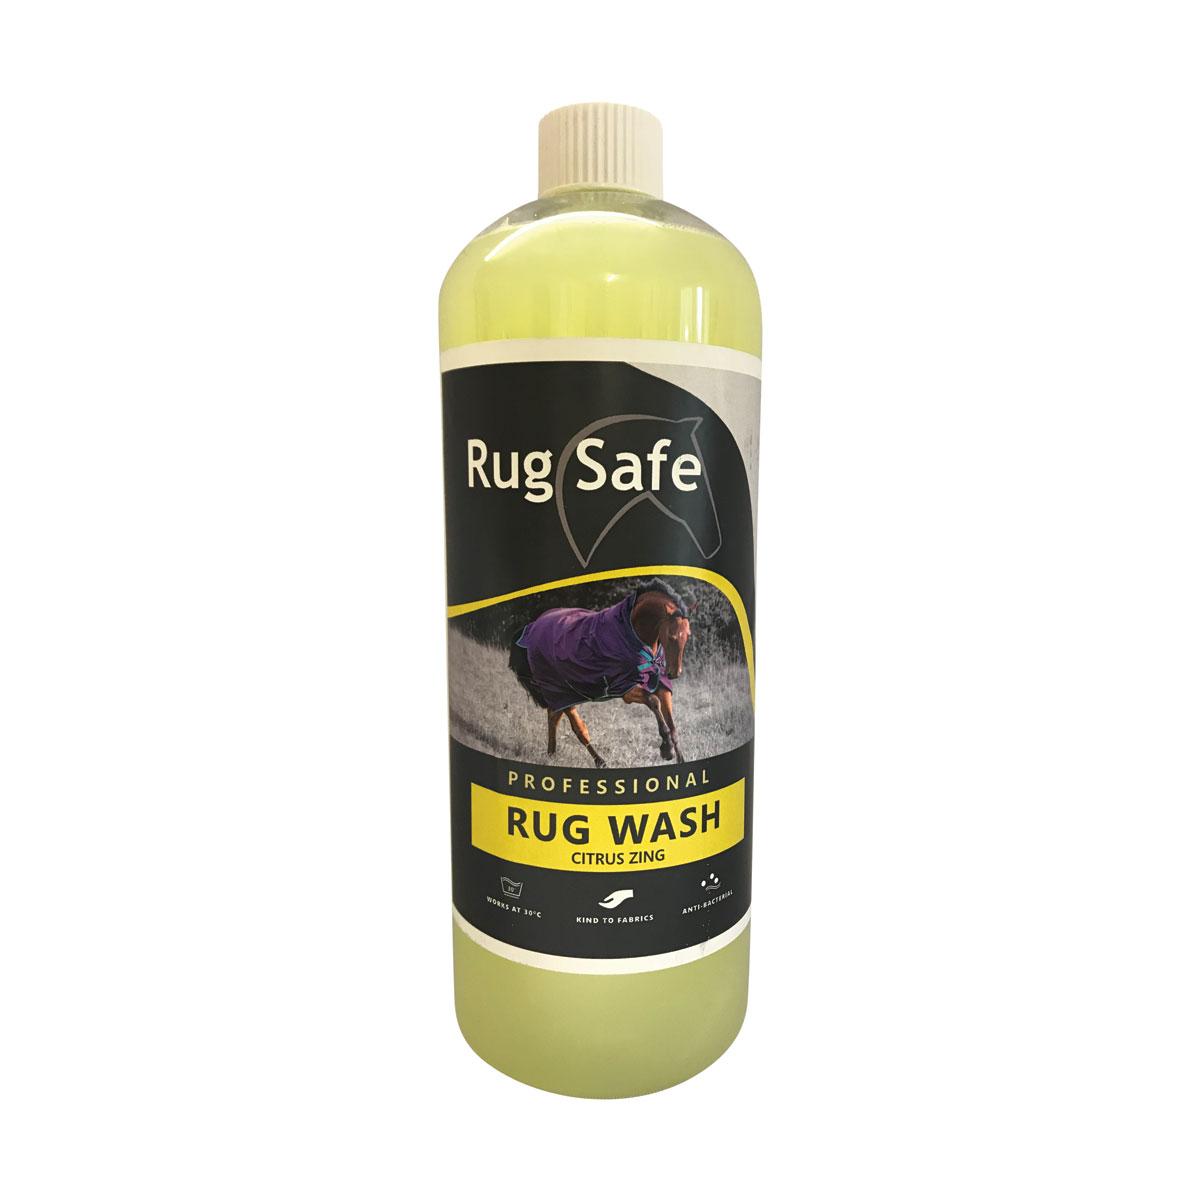 Rugsafe-Citrus-Zing-01